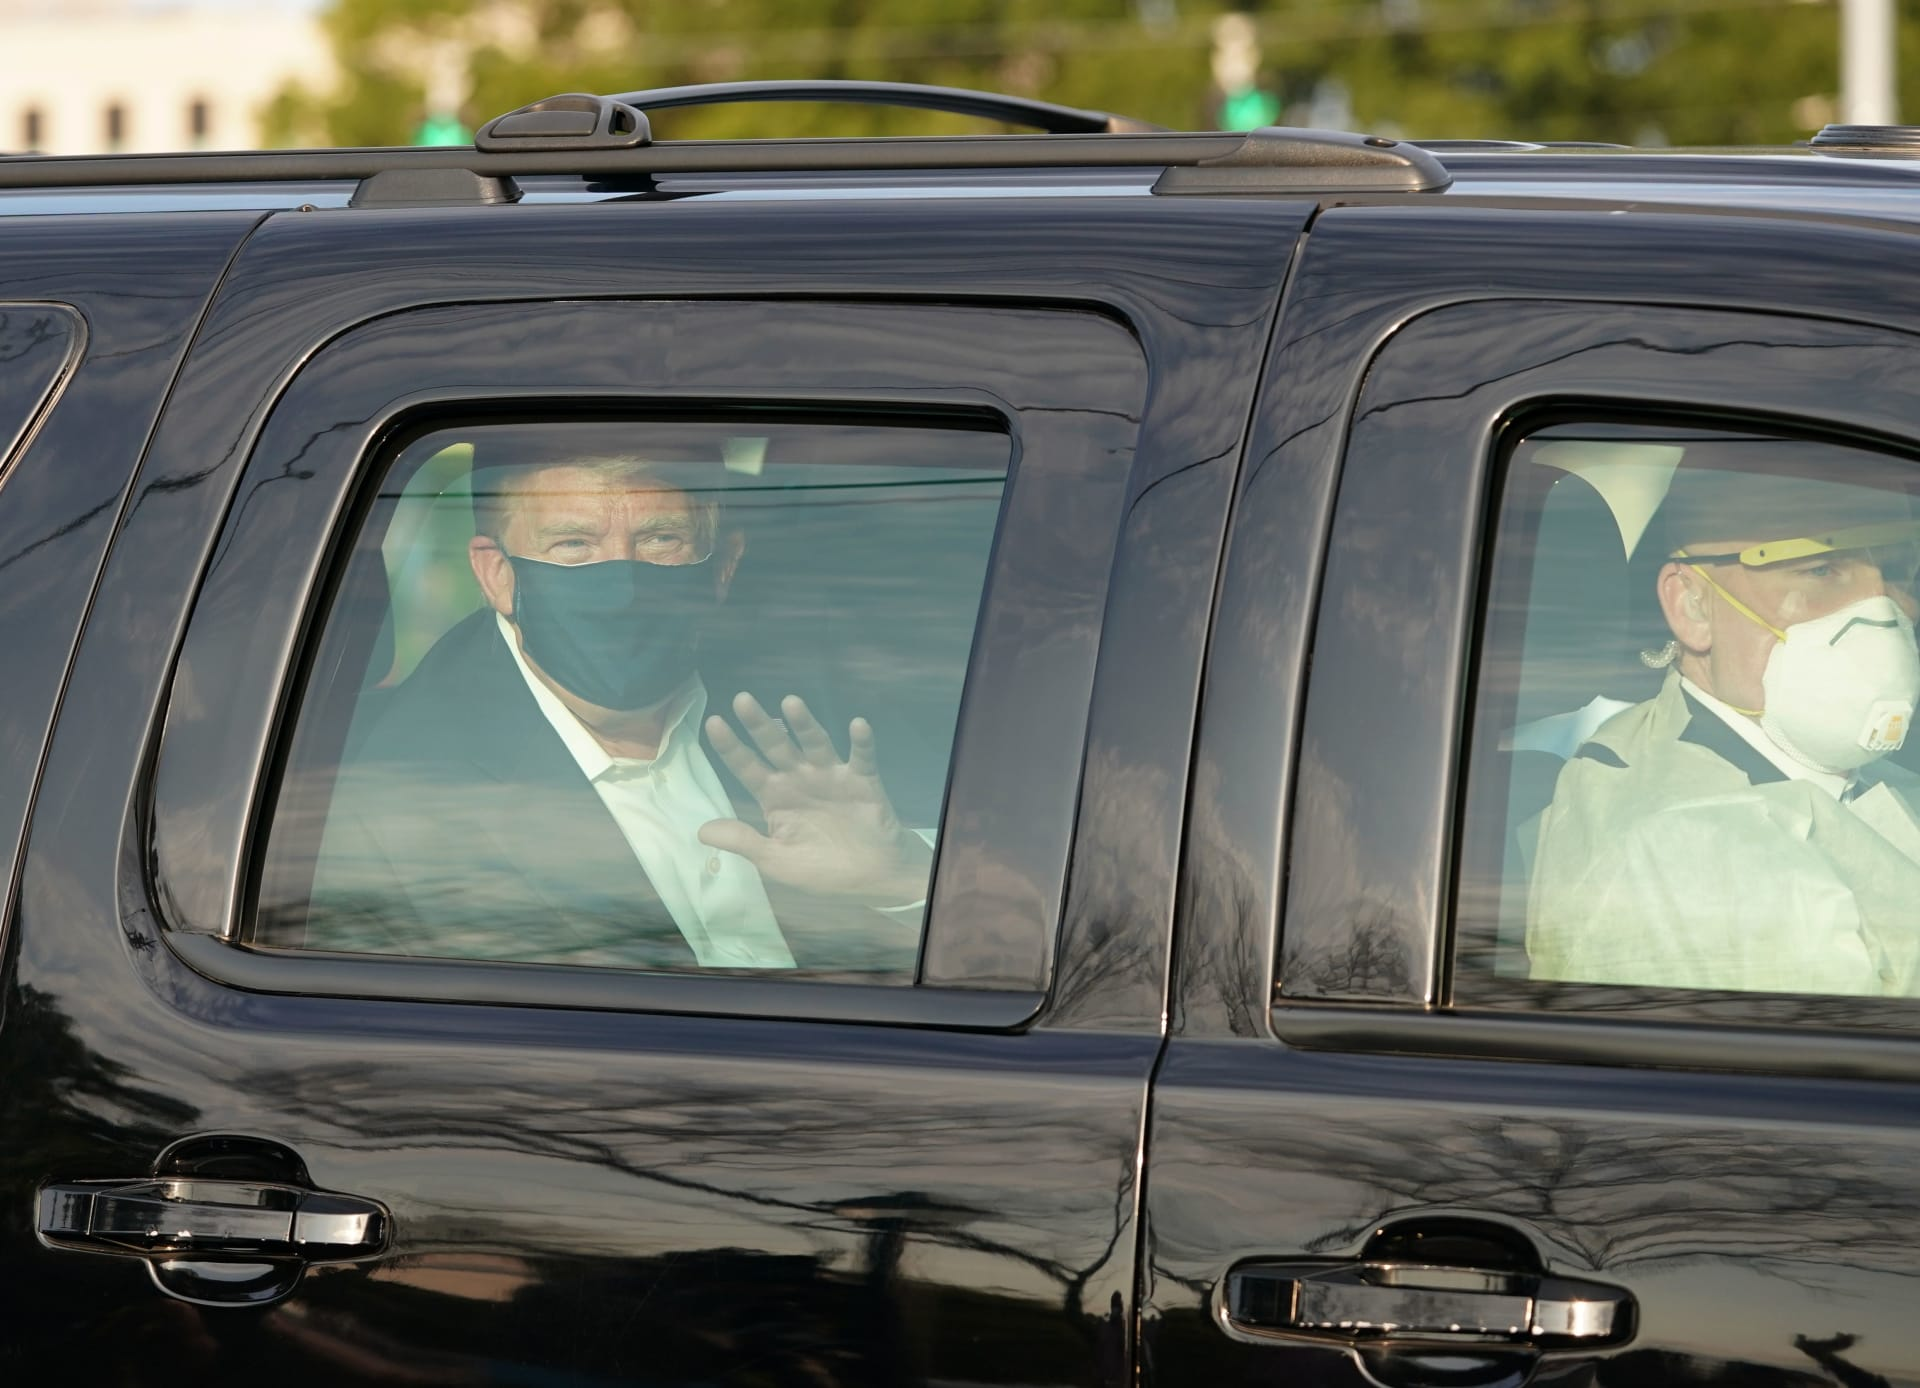 ترامب يخرج من مستشفى والتر ريد لتحية أنصاره من سيارة دفع رباعي